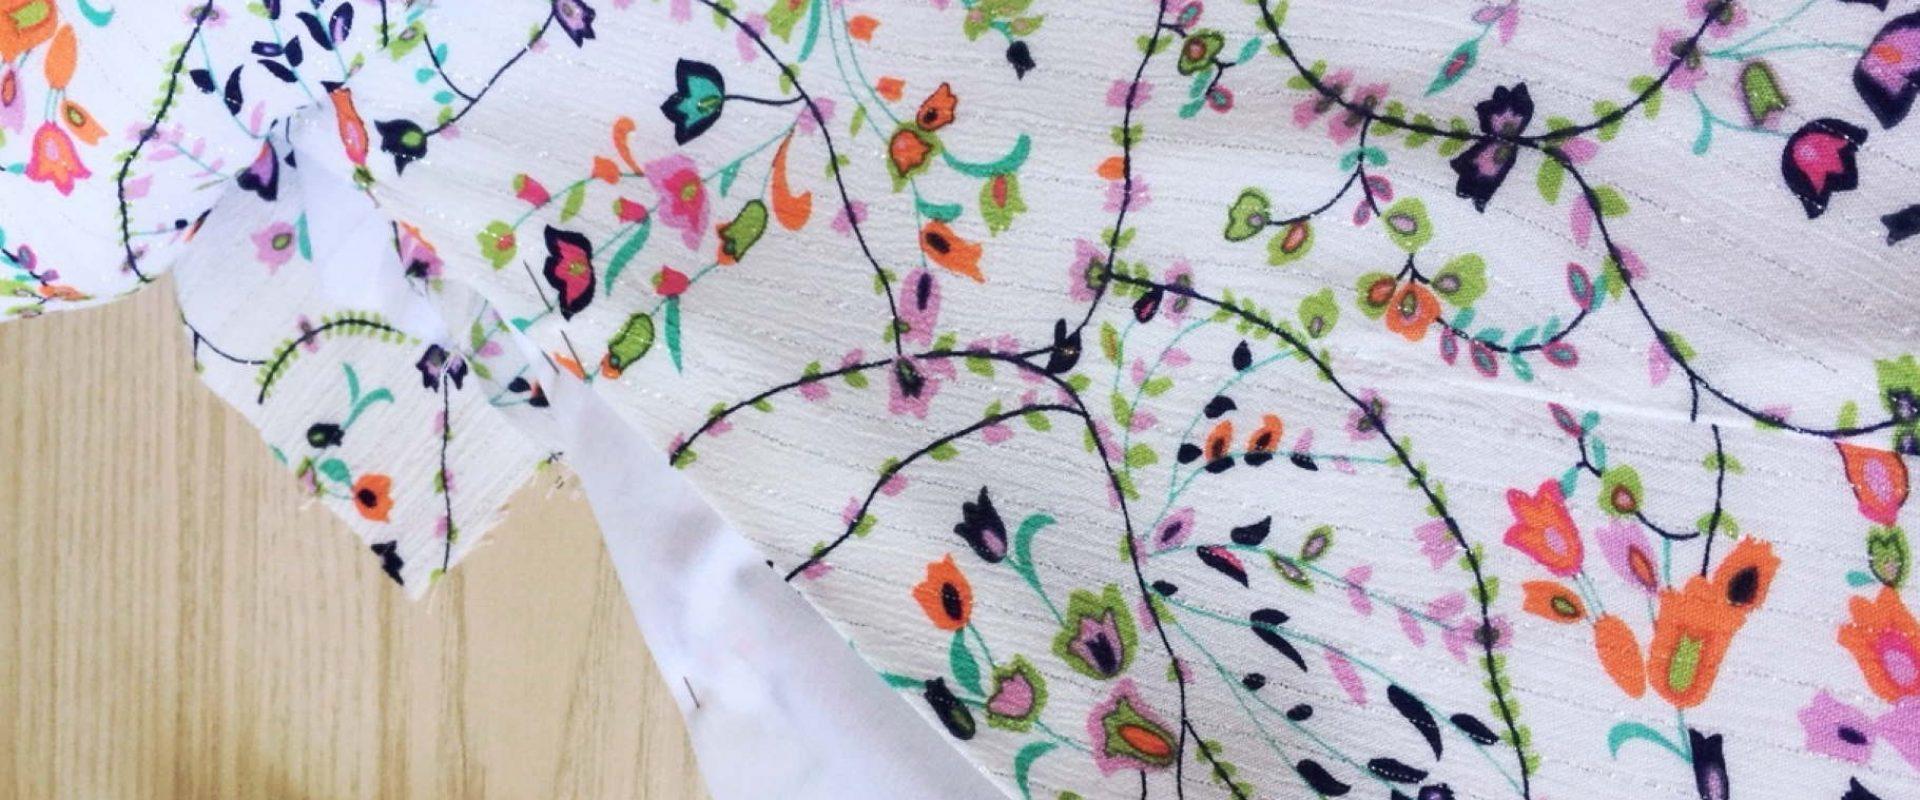 couture bordeaux la ptite etincelle couture bordeaux